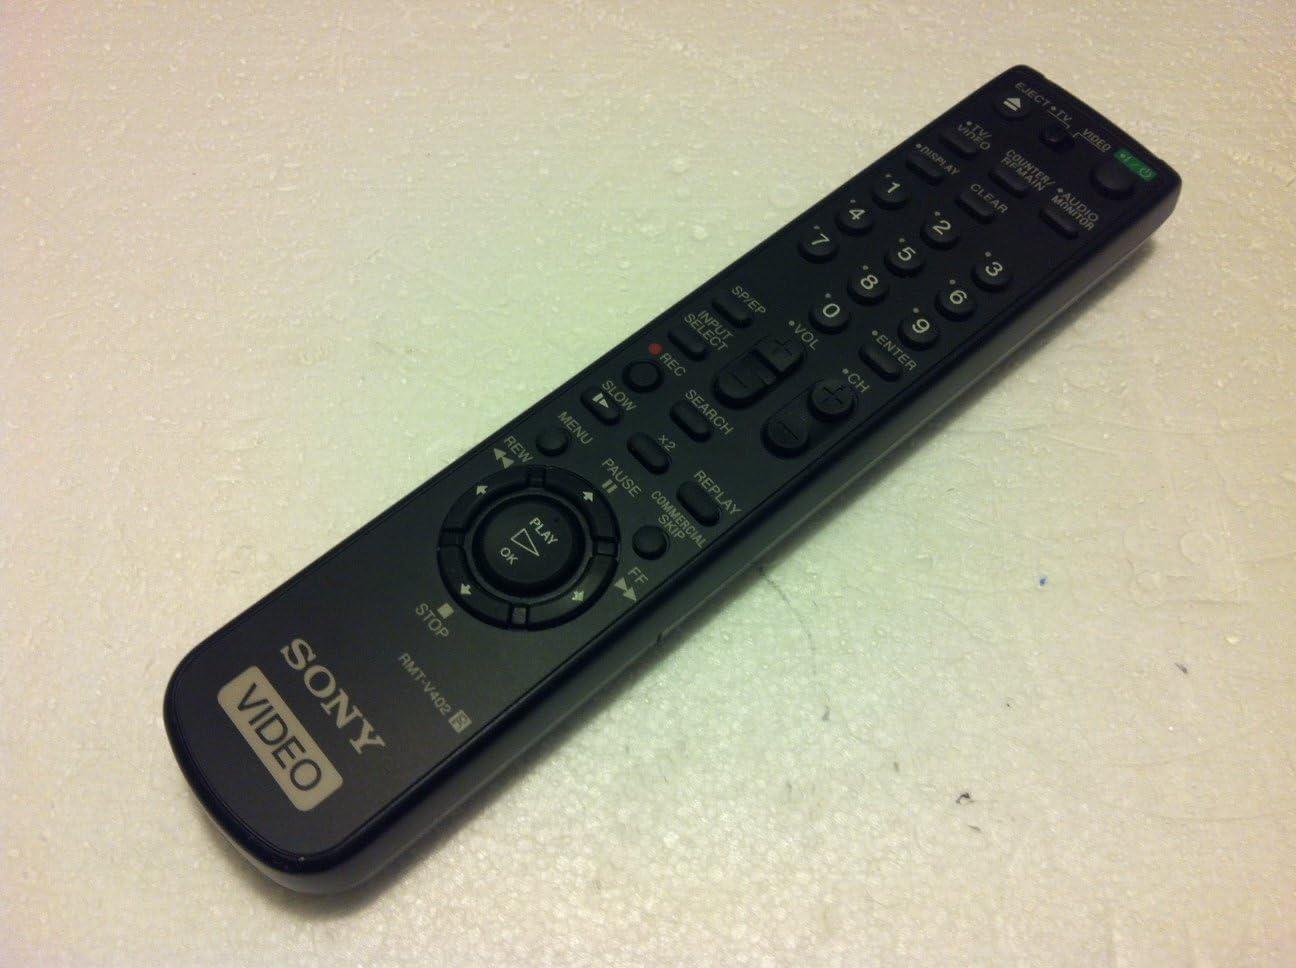 SLV-N77 SLV-N650 SONY Video RMT-V402 Remote Control SLV-N750